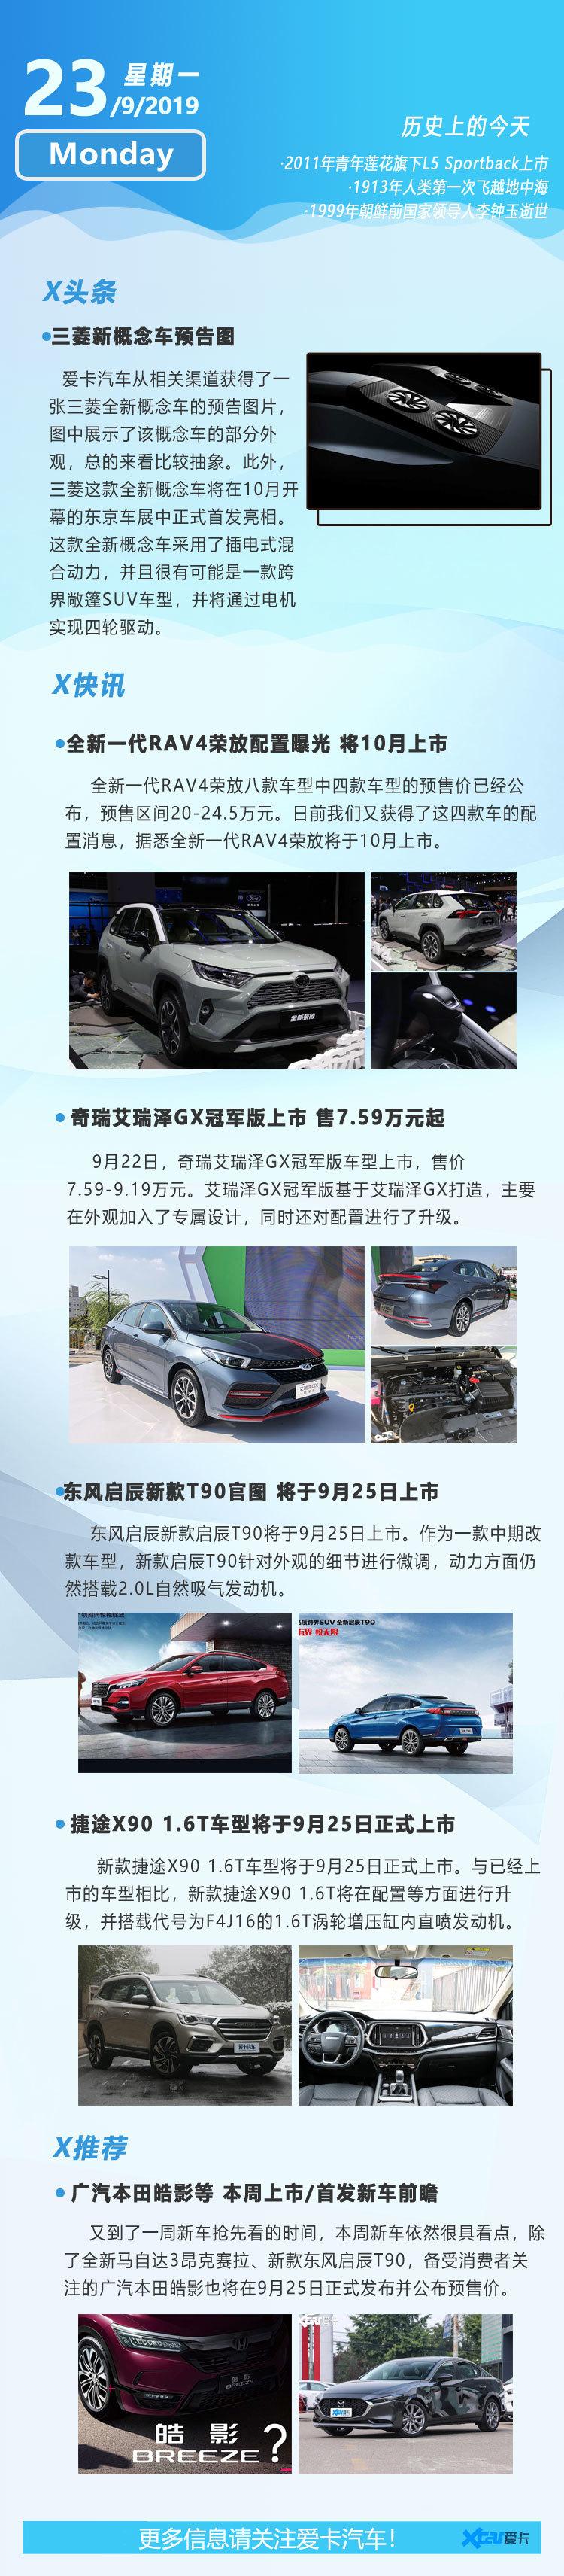 9月23日早报 全新RAV4荣放三菱概念车